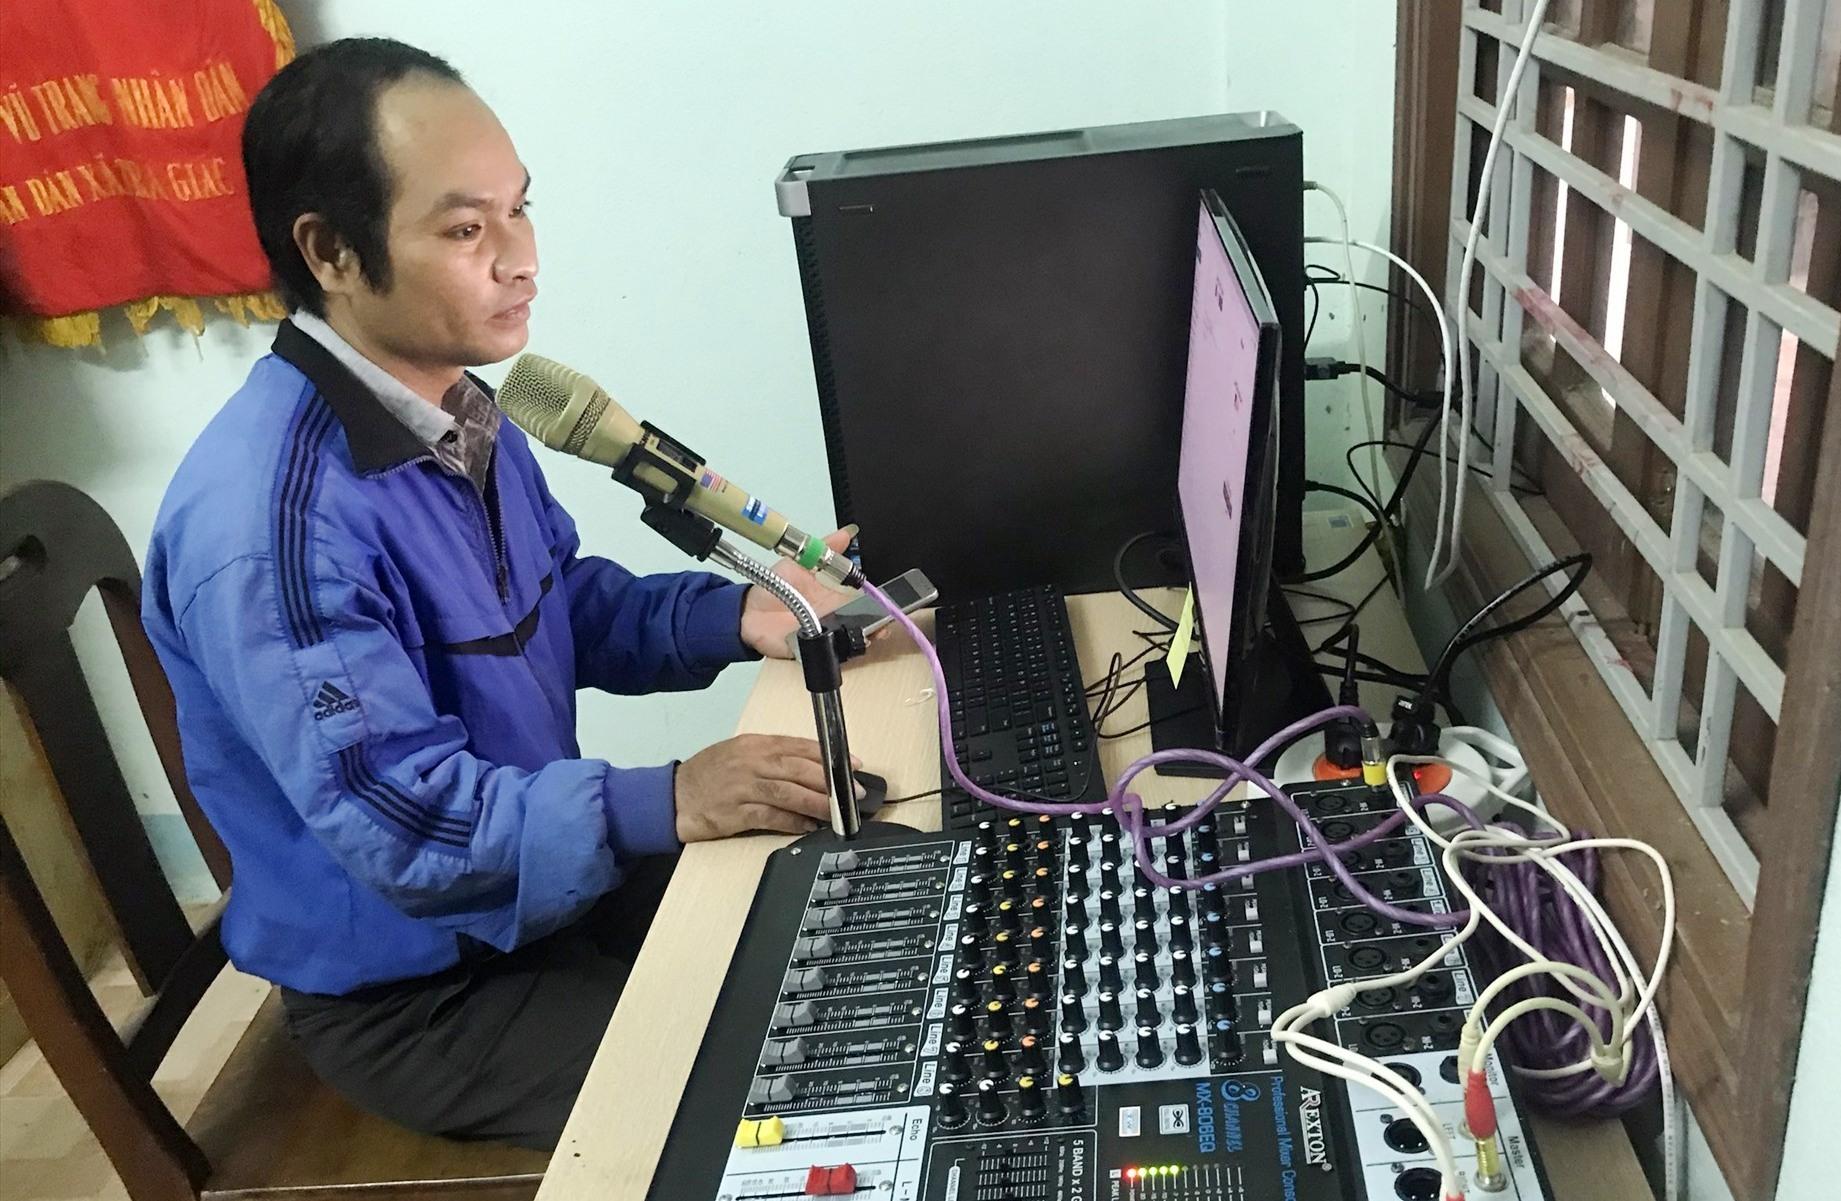 Cán bộ văn hóa xã Trà Giác tác nghiệp trên bộ máy vi tính chuyên dụng sản xuất, phát sóng truyền Đài truyền thanh IP.